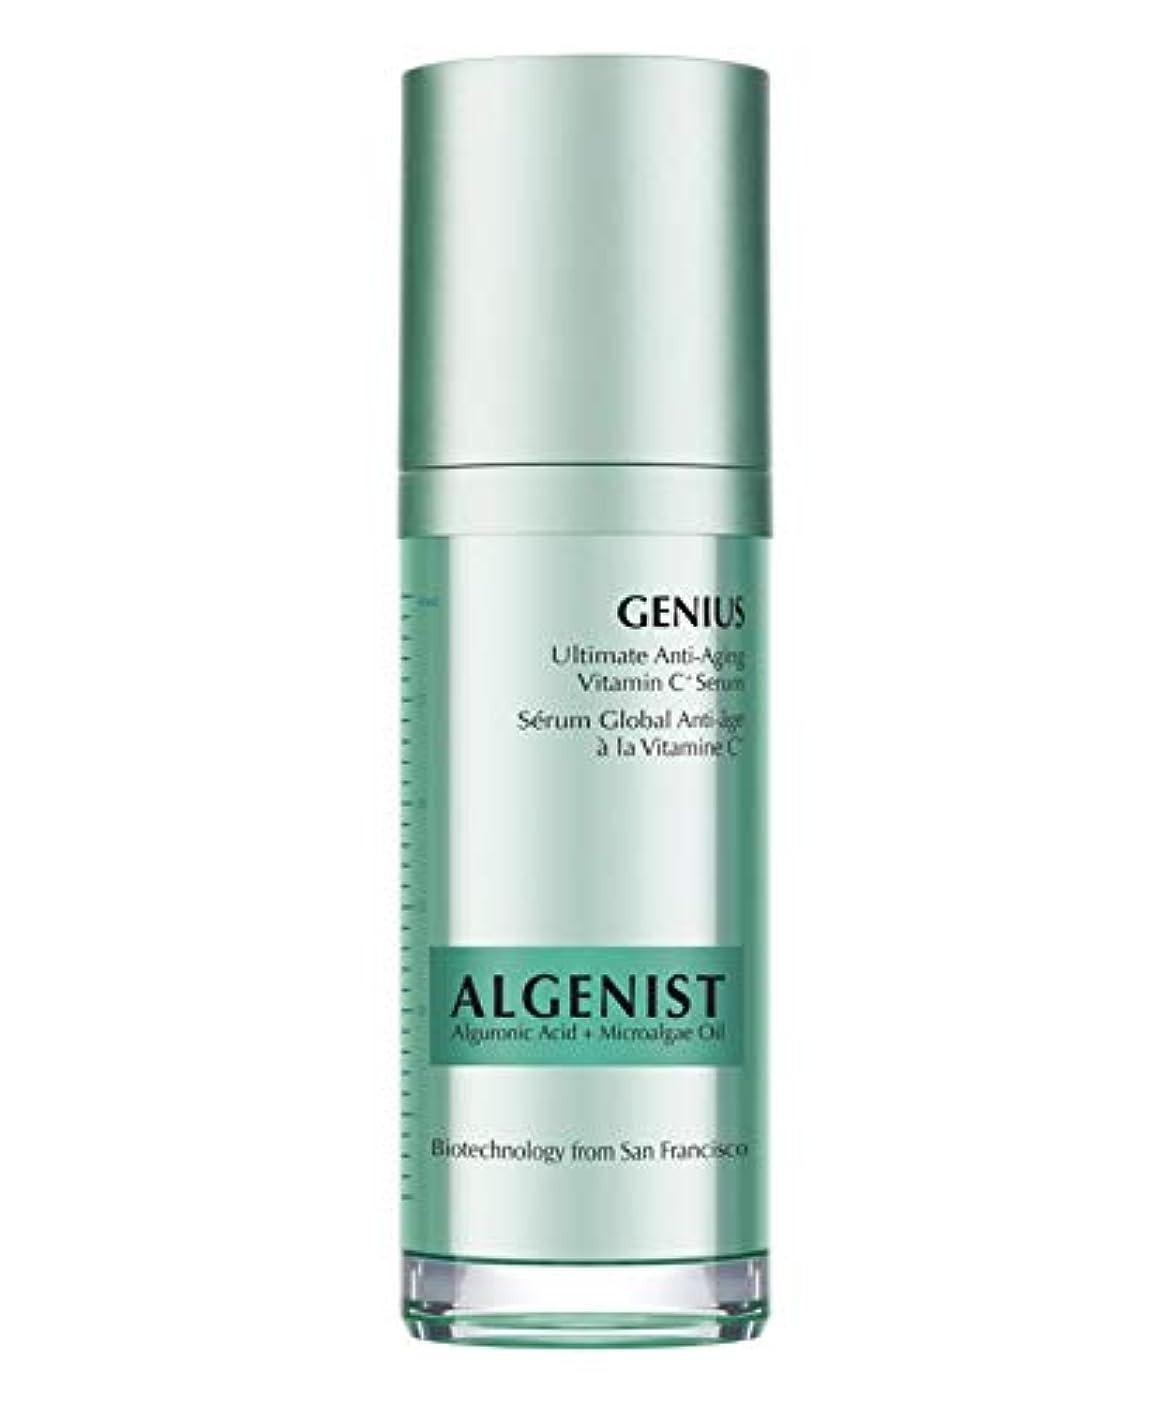 好奇心盛ヒット以下Algenist Genius Ultimate Anti-Aging Vitamin C Serum 30ml